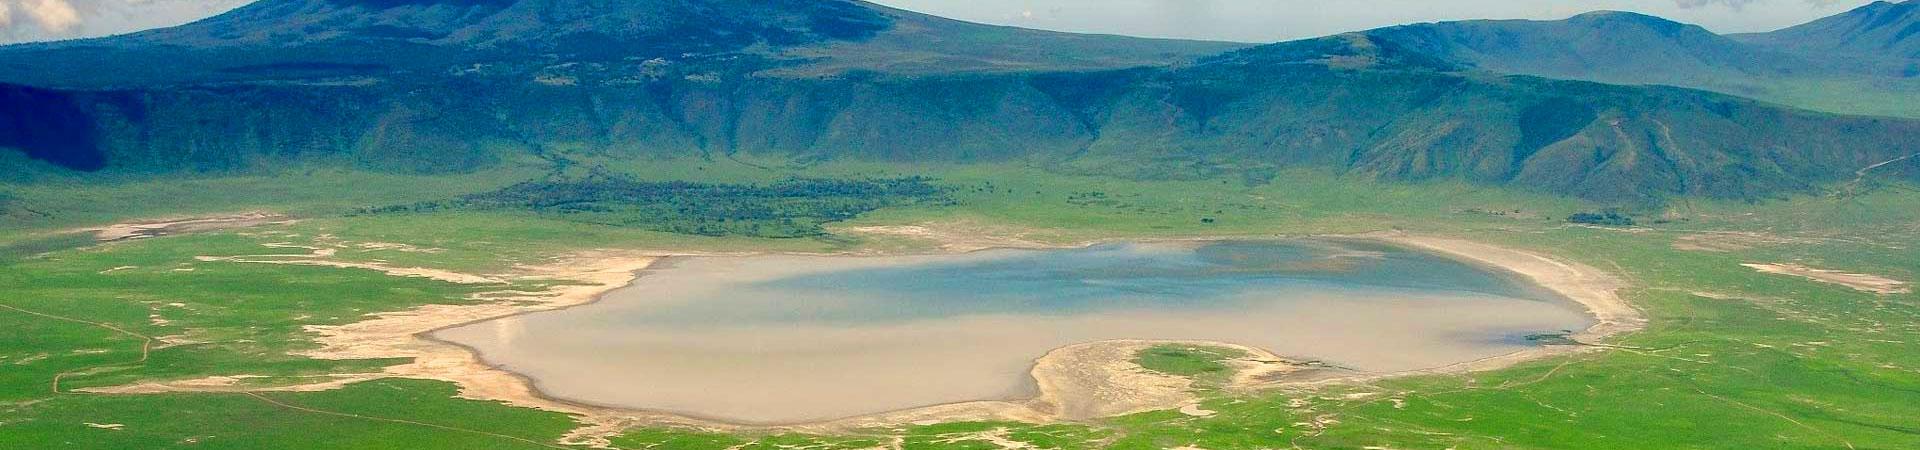 Ngorongoro-conservation-Area